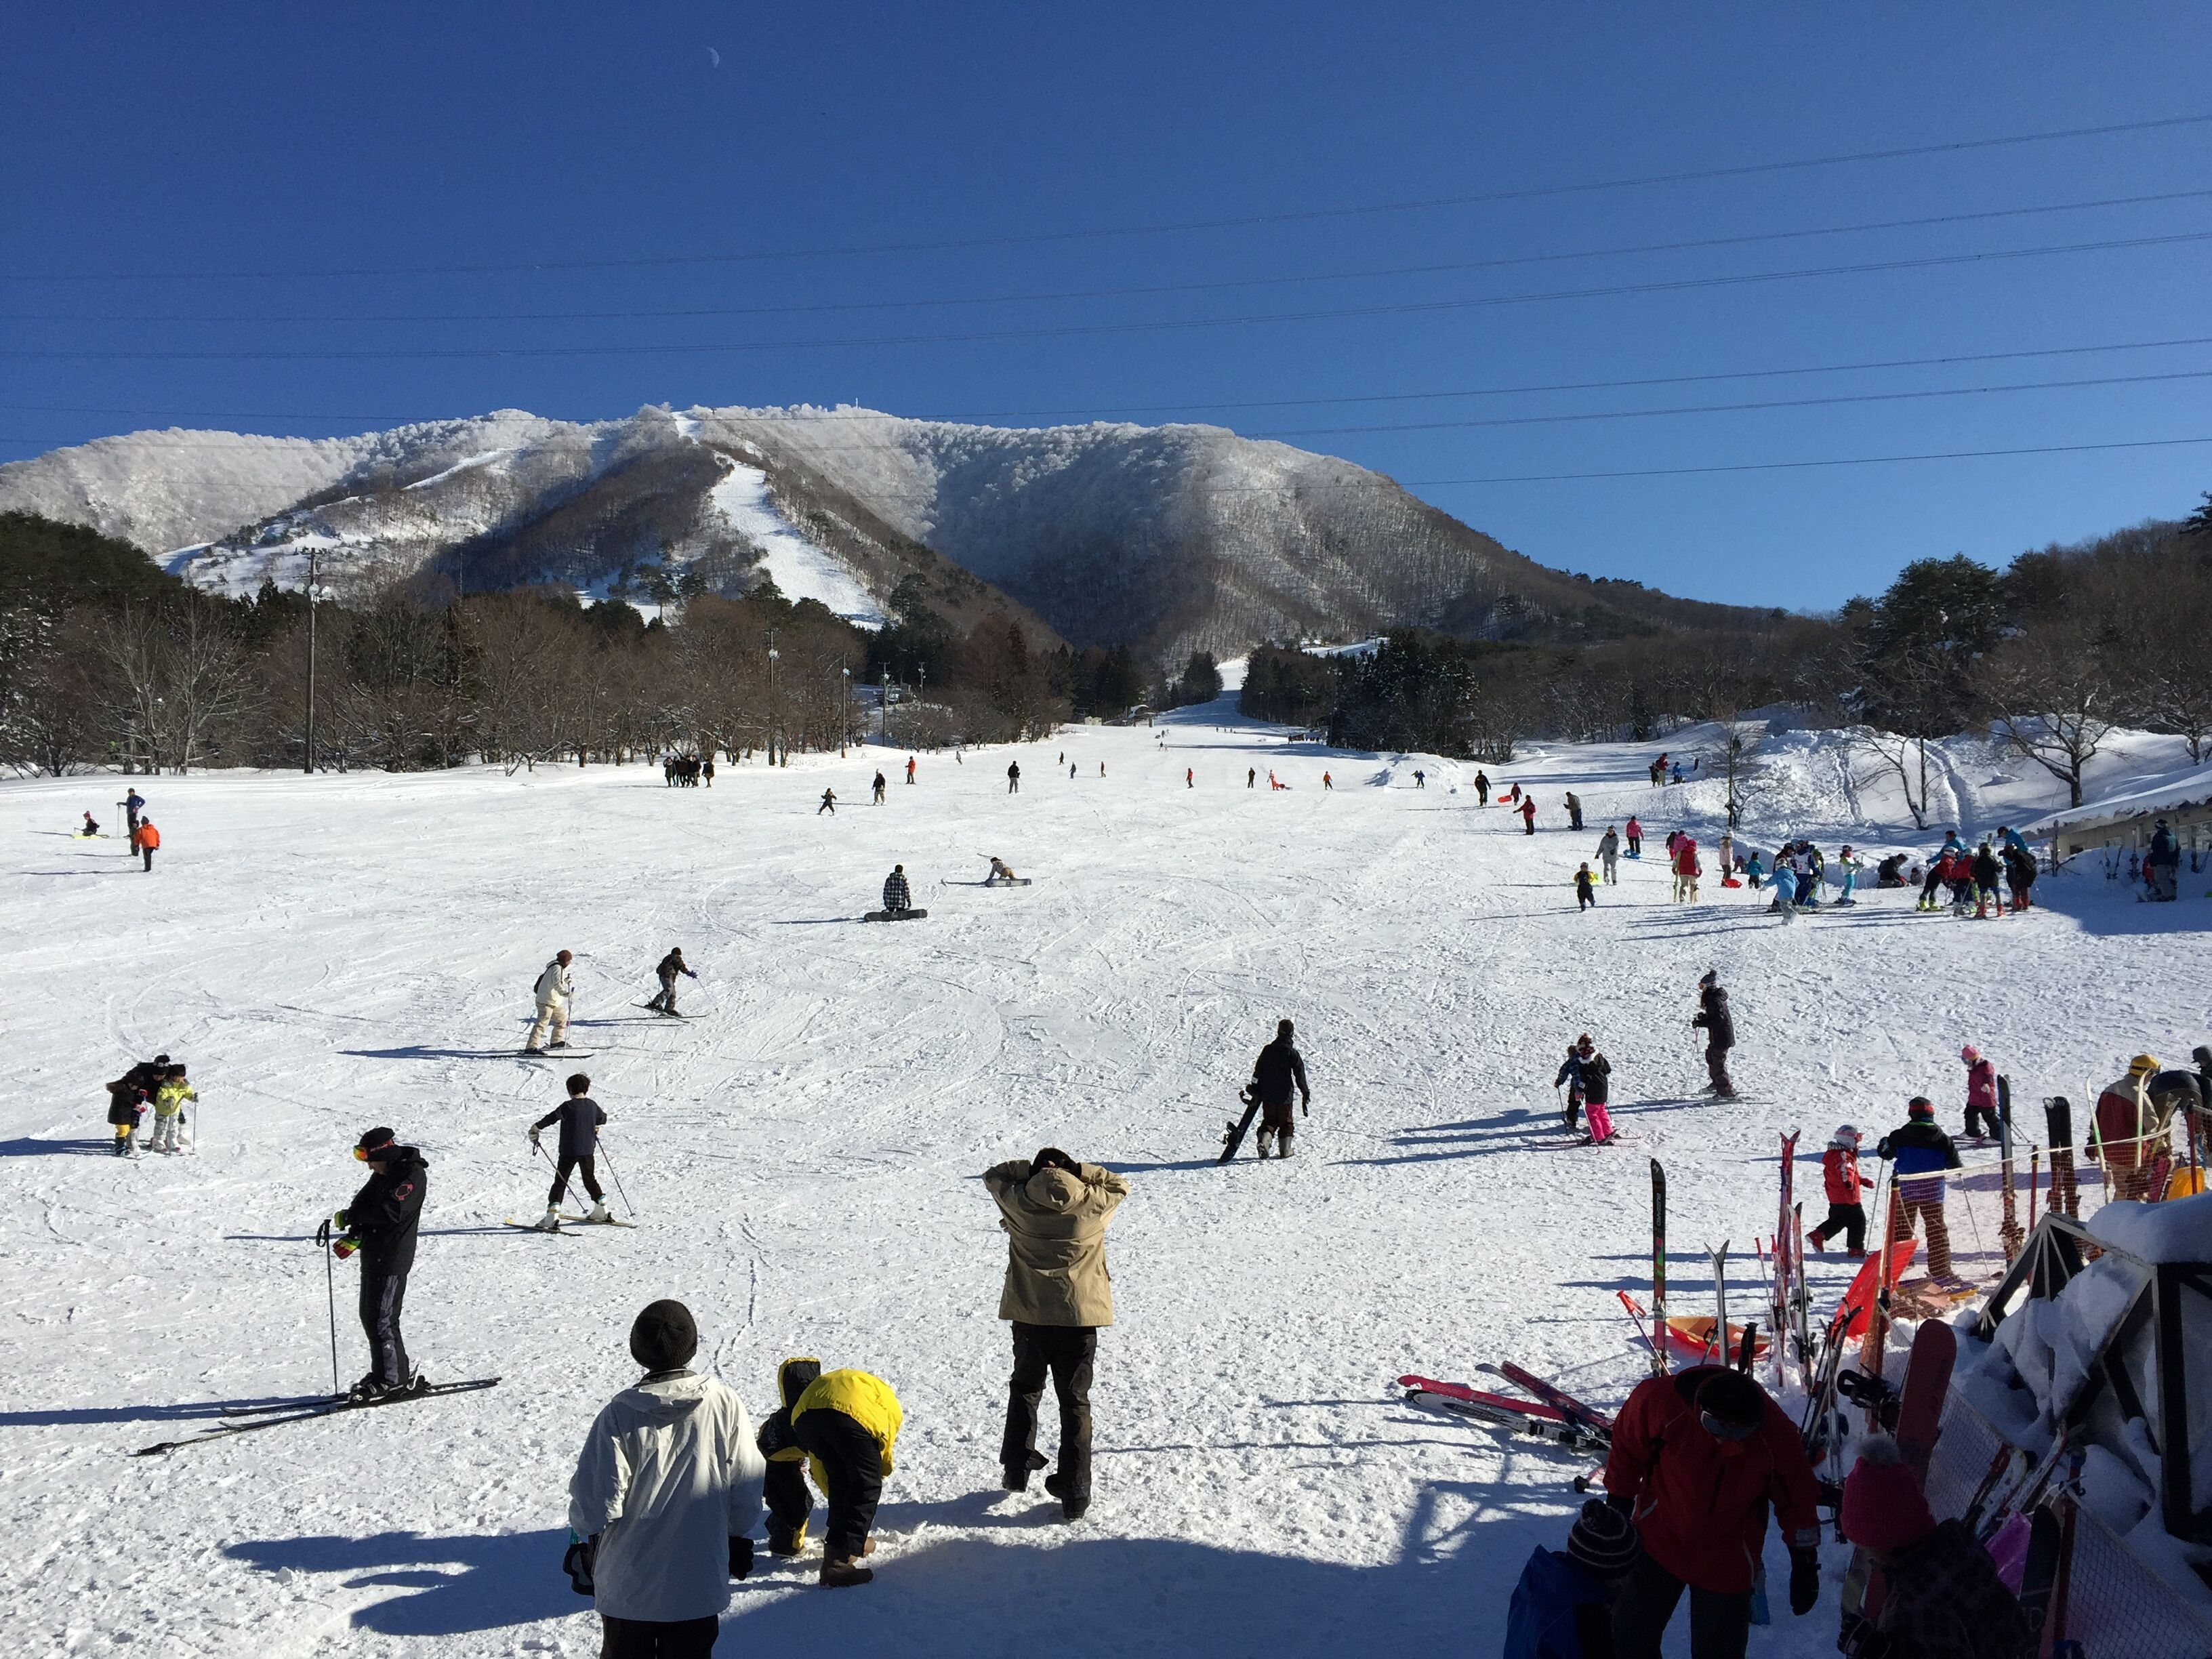 【2020年冬】悠閒的度假村「宮城藏王七宿滑雪場」的詳細交通方式及推薦溫泉旅館